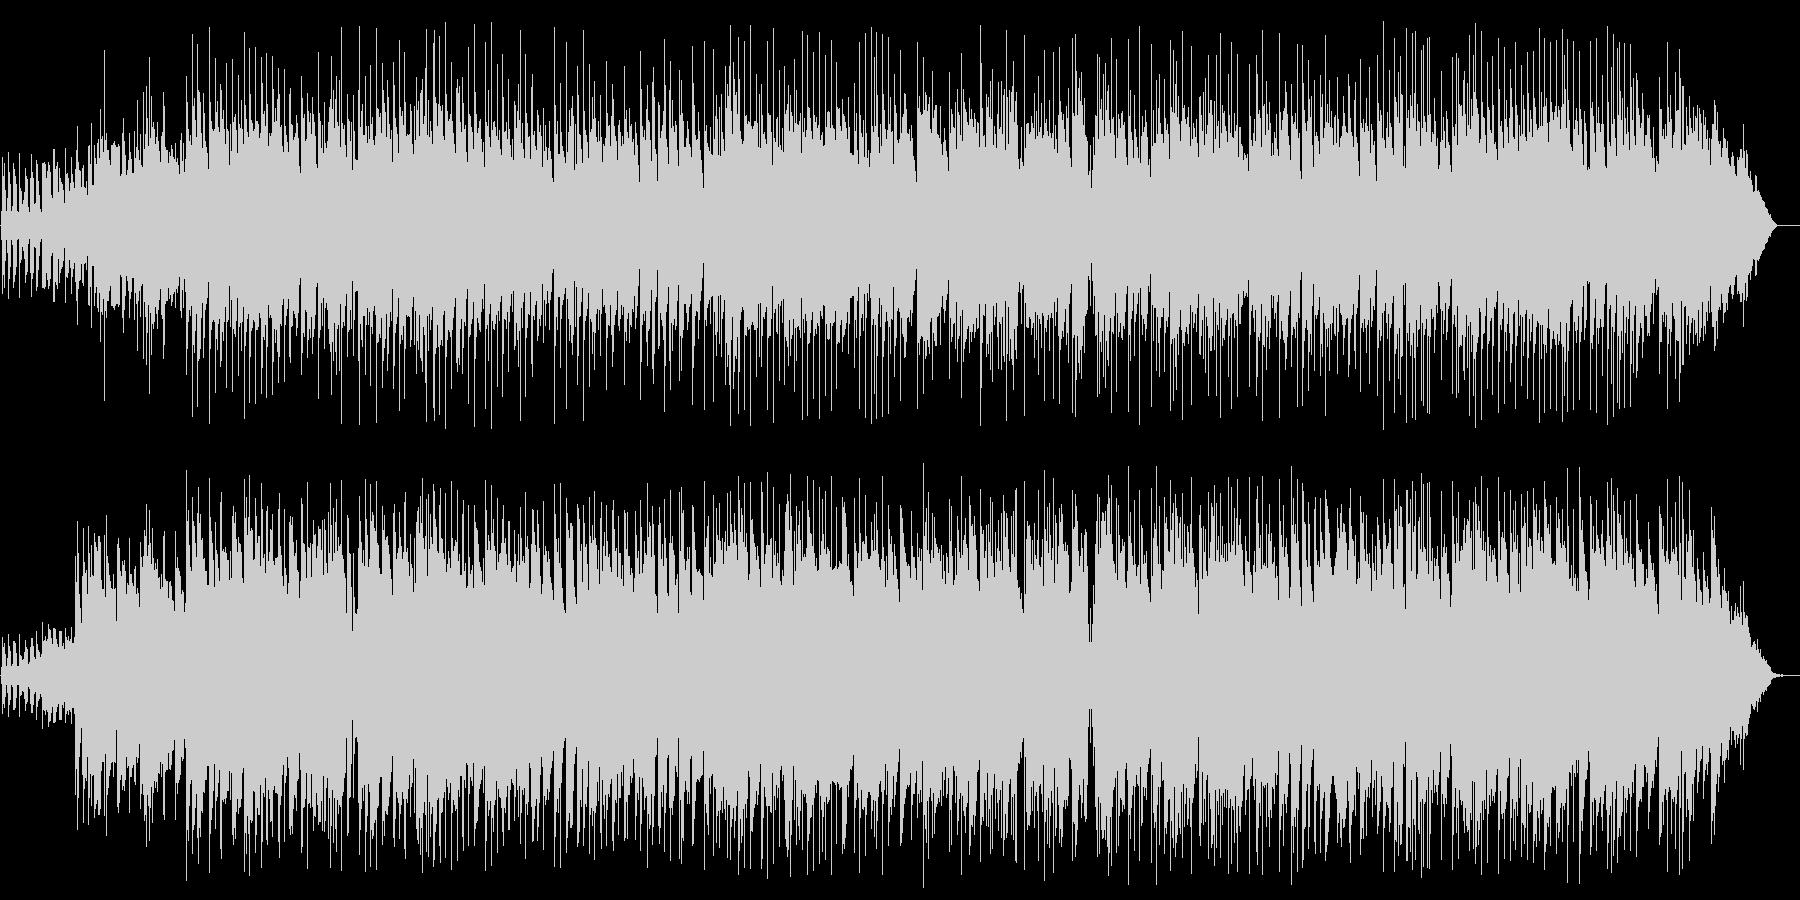 ゆっくりしたカントリー調のギターの曲の未再生の波形